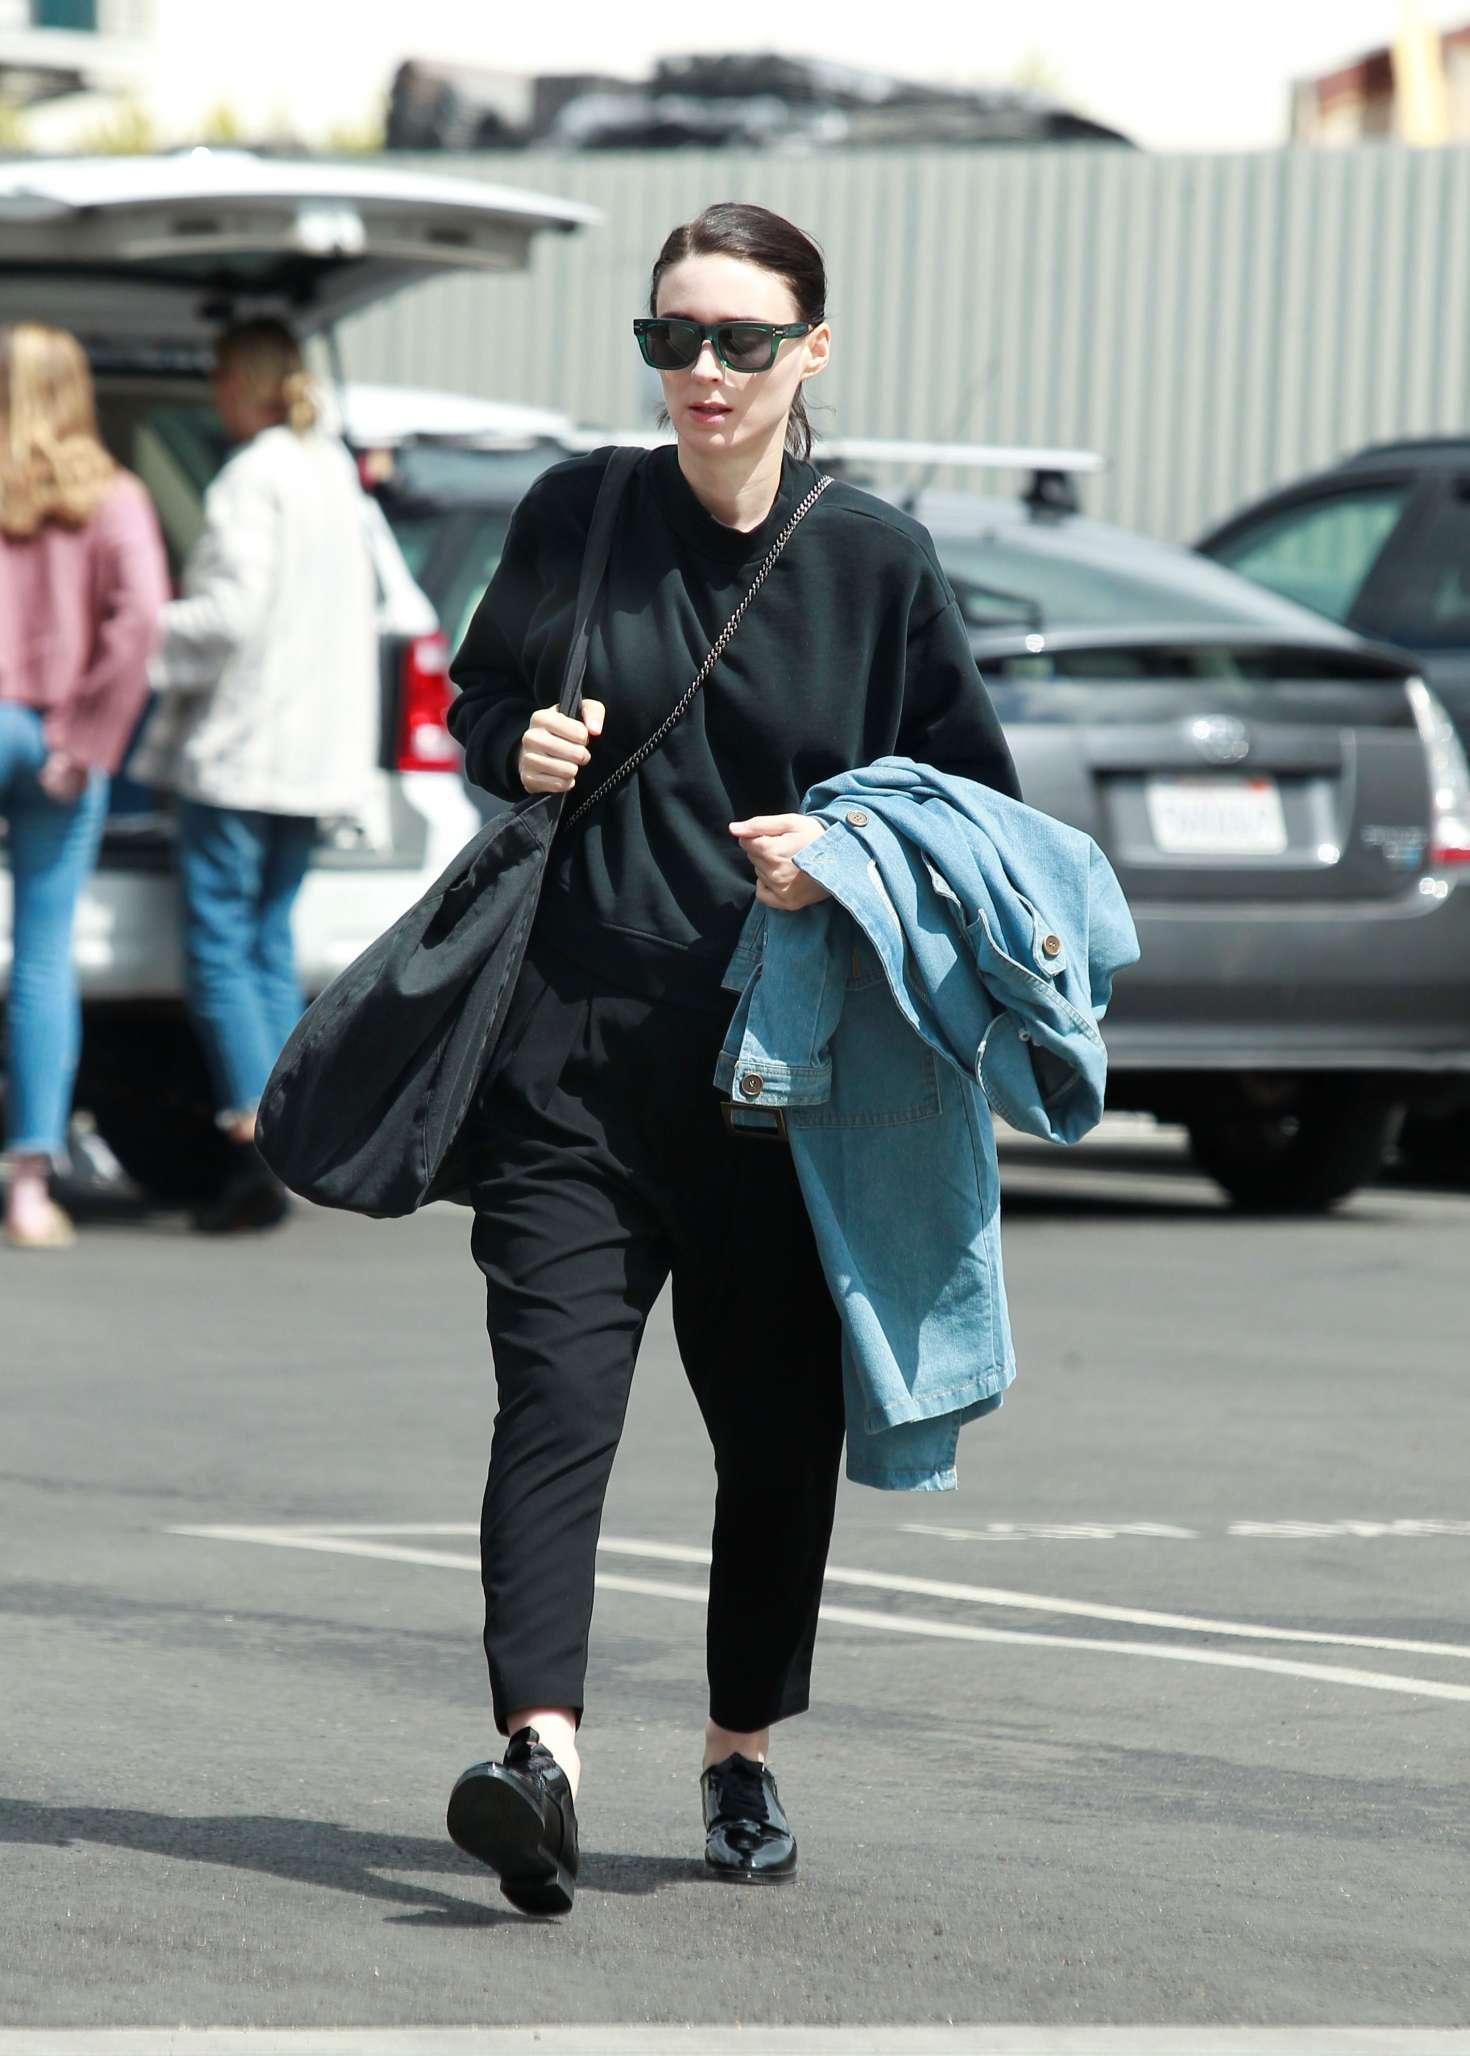 Rooney Mara 2018 : Rooney Mara in Black Out in Los Angeles -06